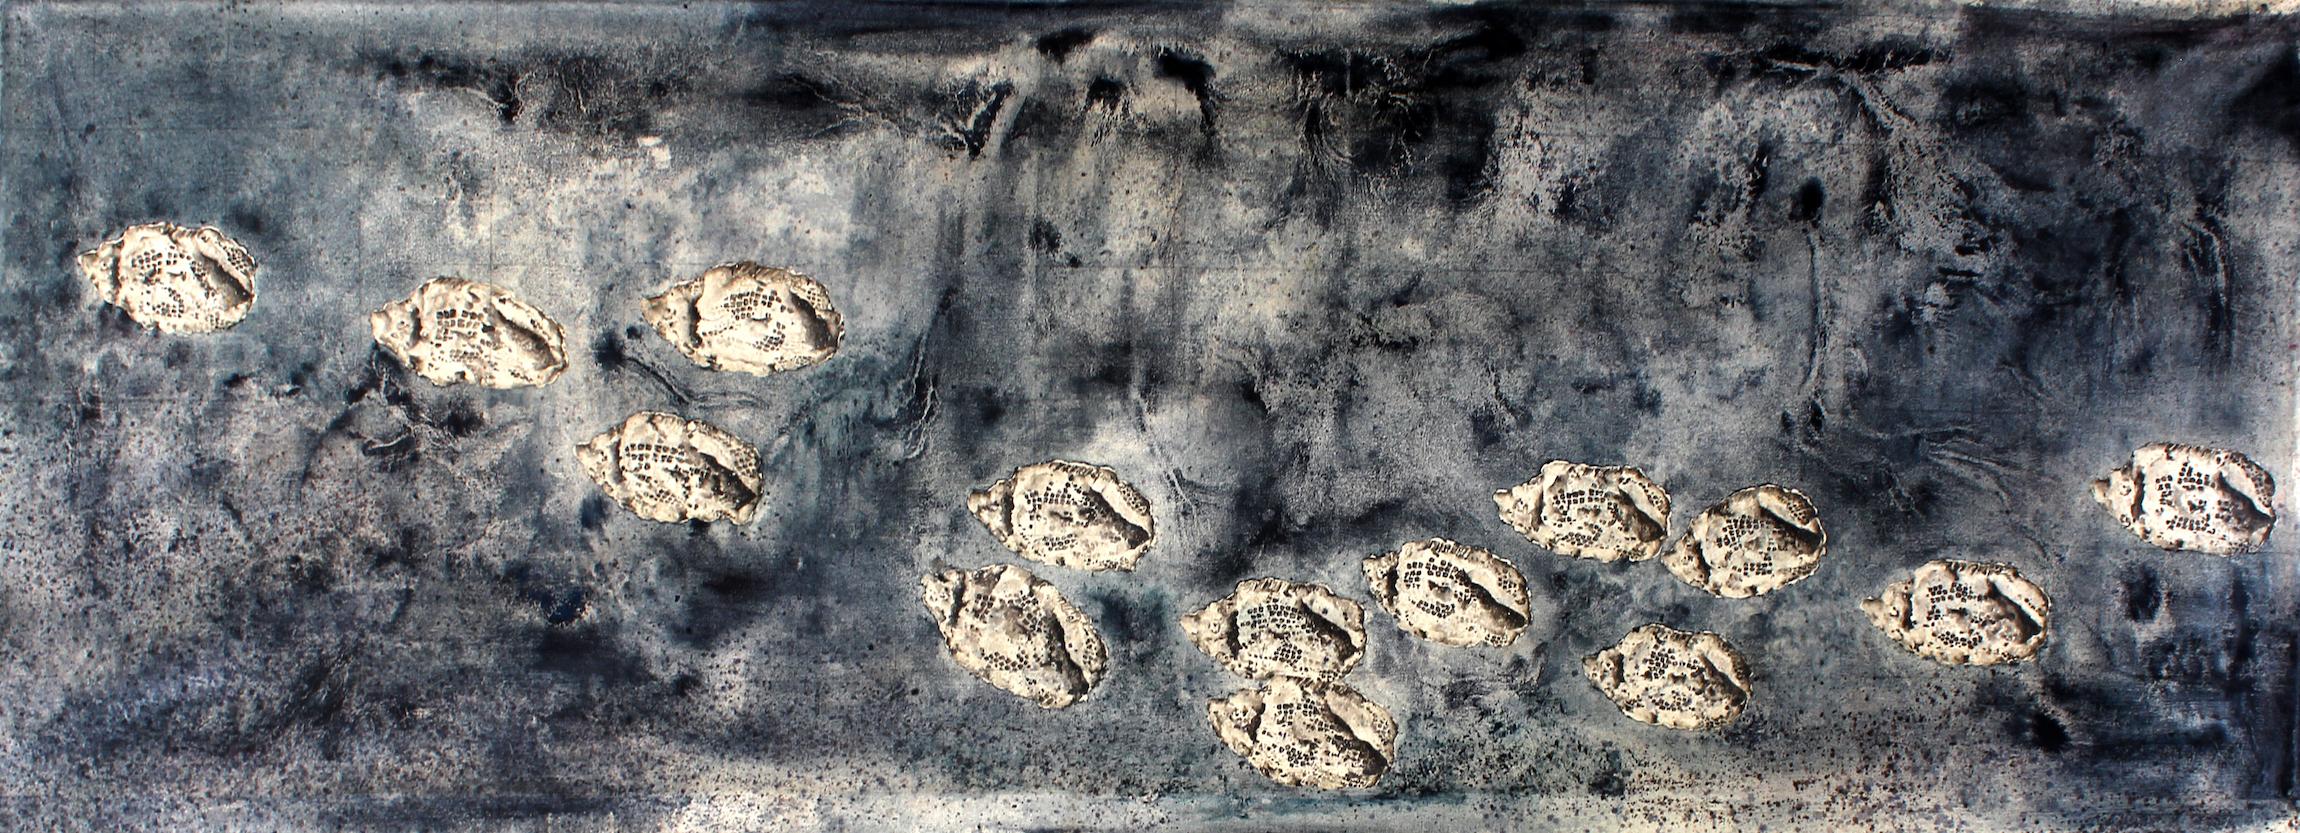 Imaginarium of the Past (Lepidotes)  2015 Oil on Canvas 170 x 60 cm